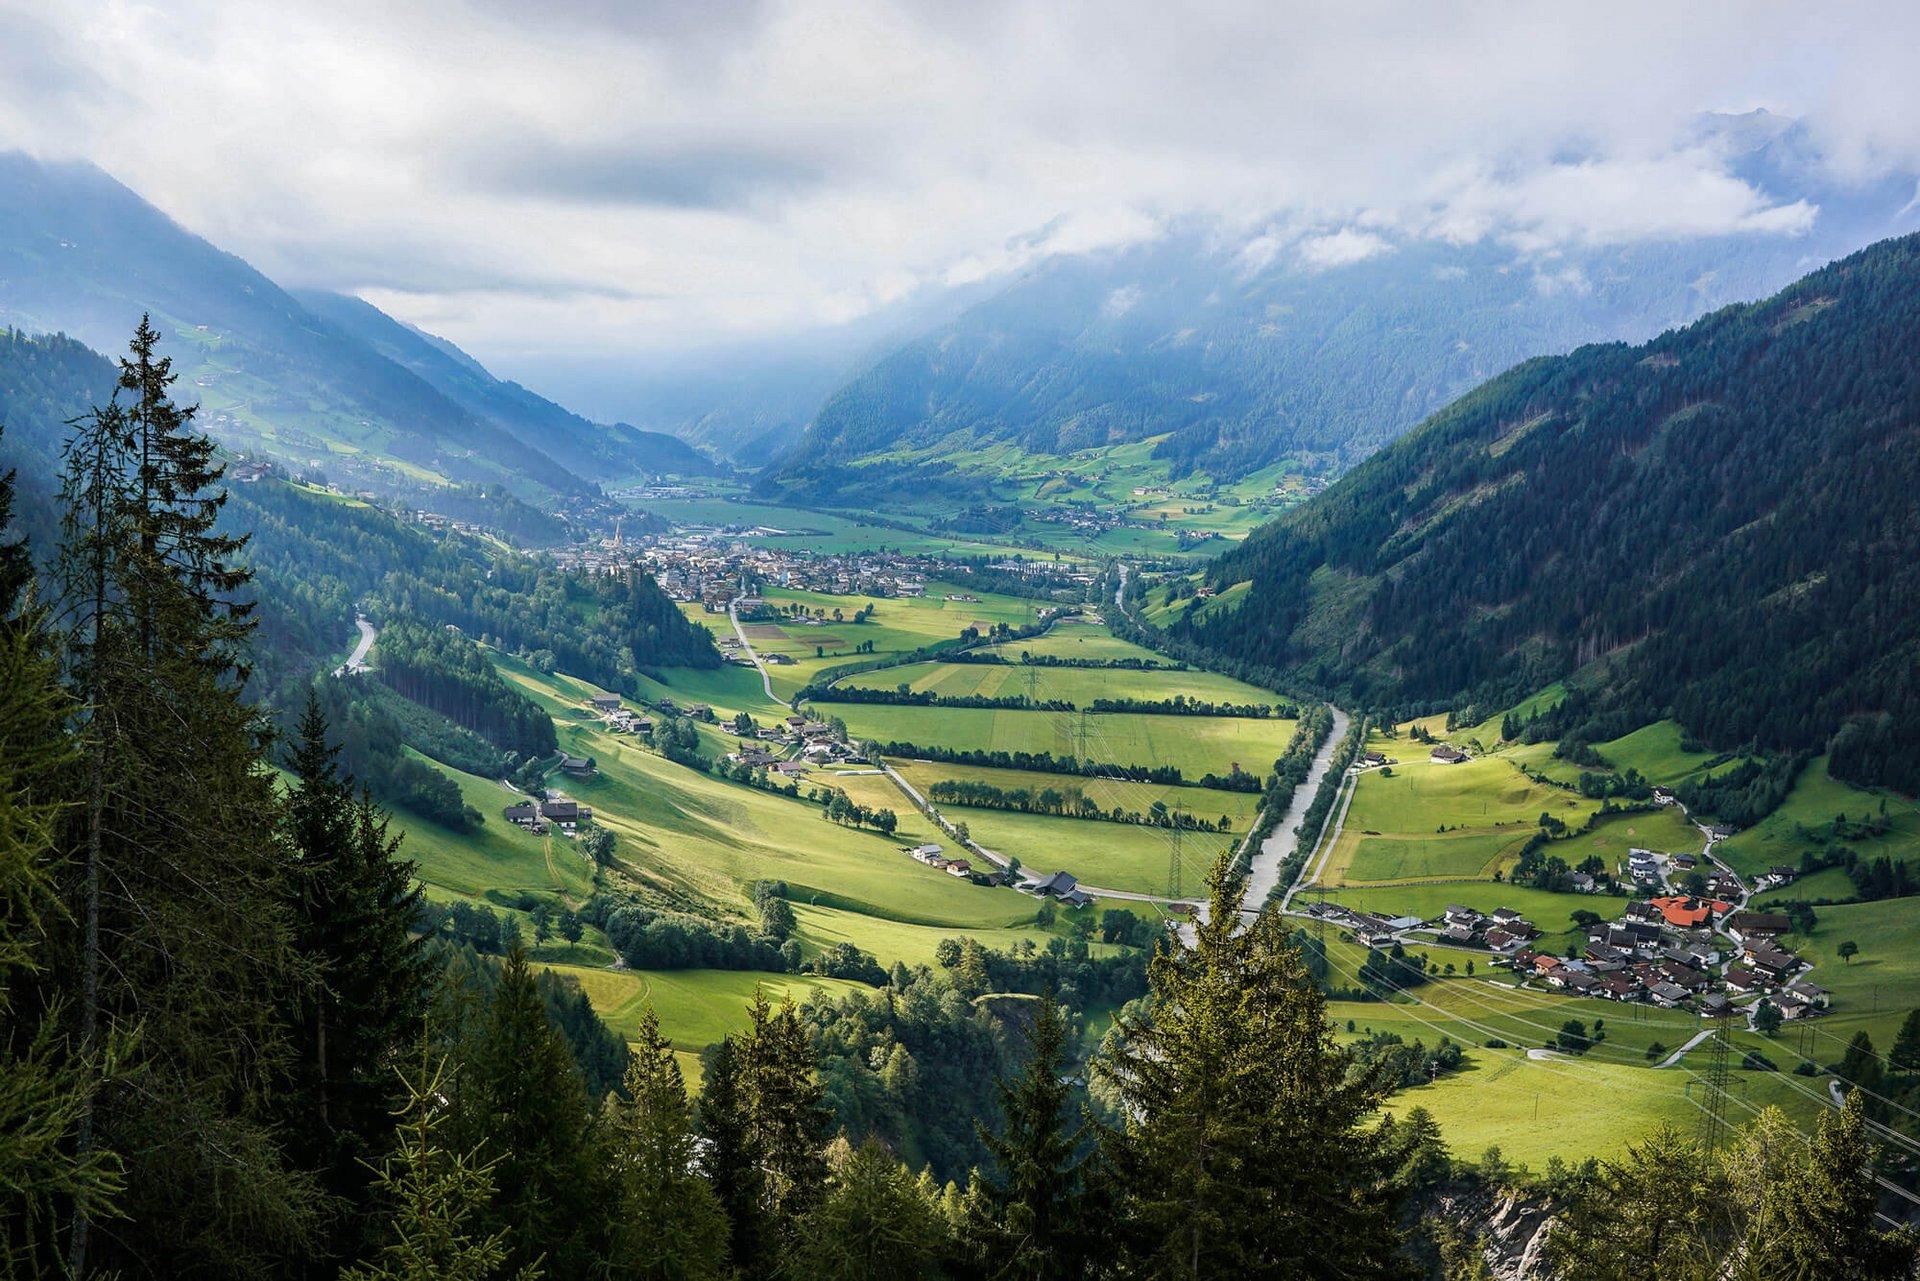 KLICKEN Erotikanzeigen fr Dates Matrei in Osttirol - Google